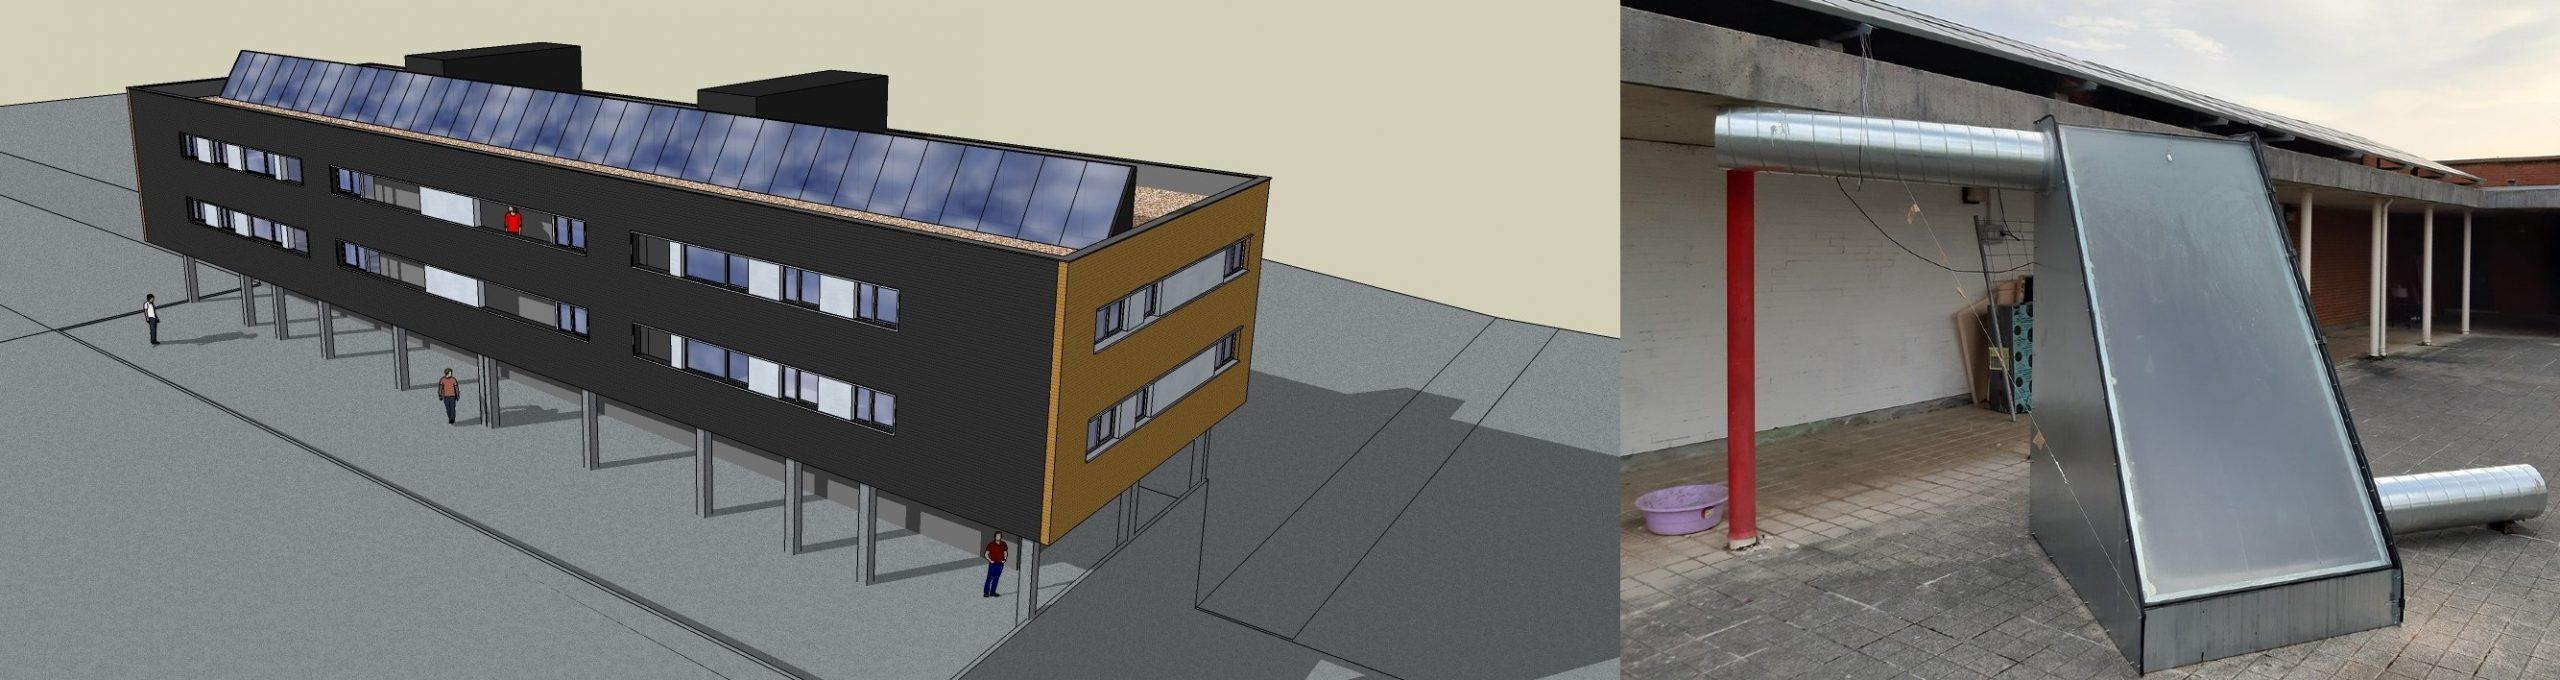 Invernaderos en cubiertas de edificios para reducir su consumo energético